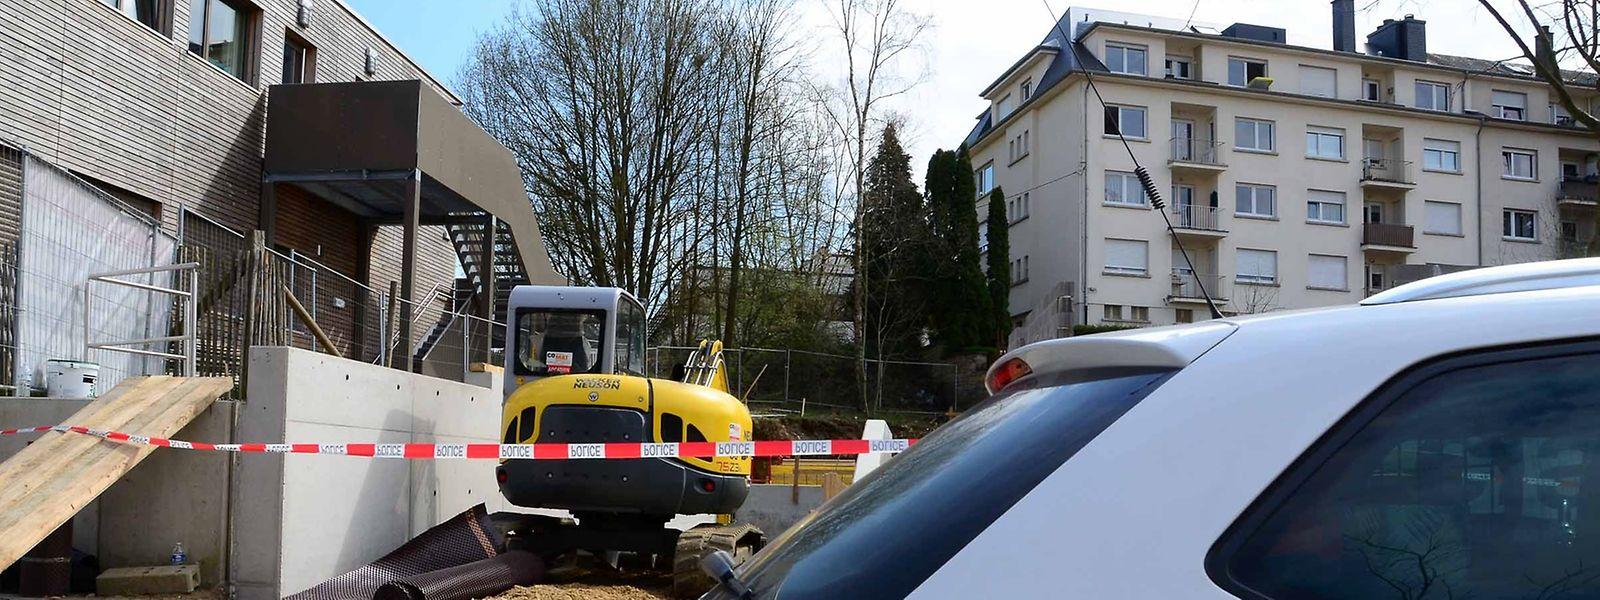 Le dramatique accident du travail s'est produit sur un chantier situé rue de l'Avenir.